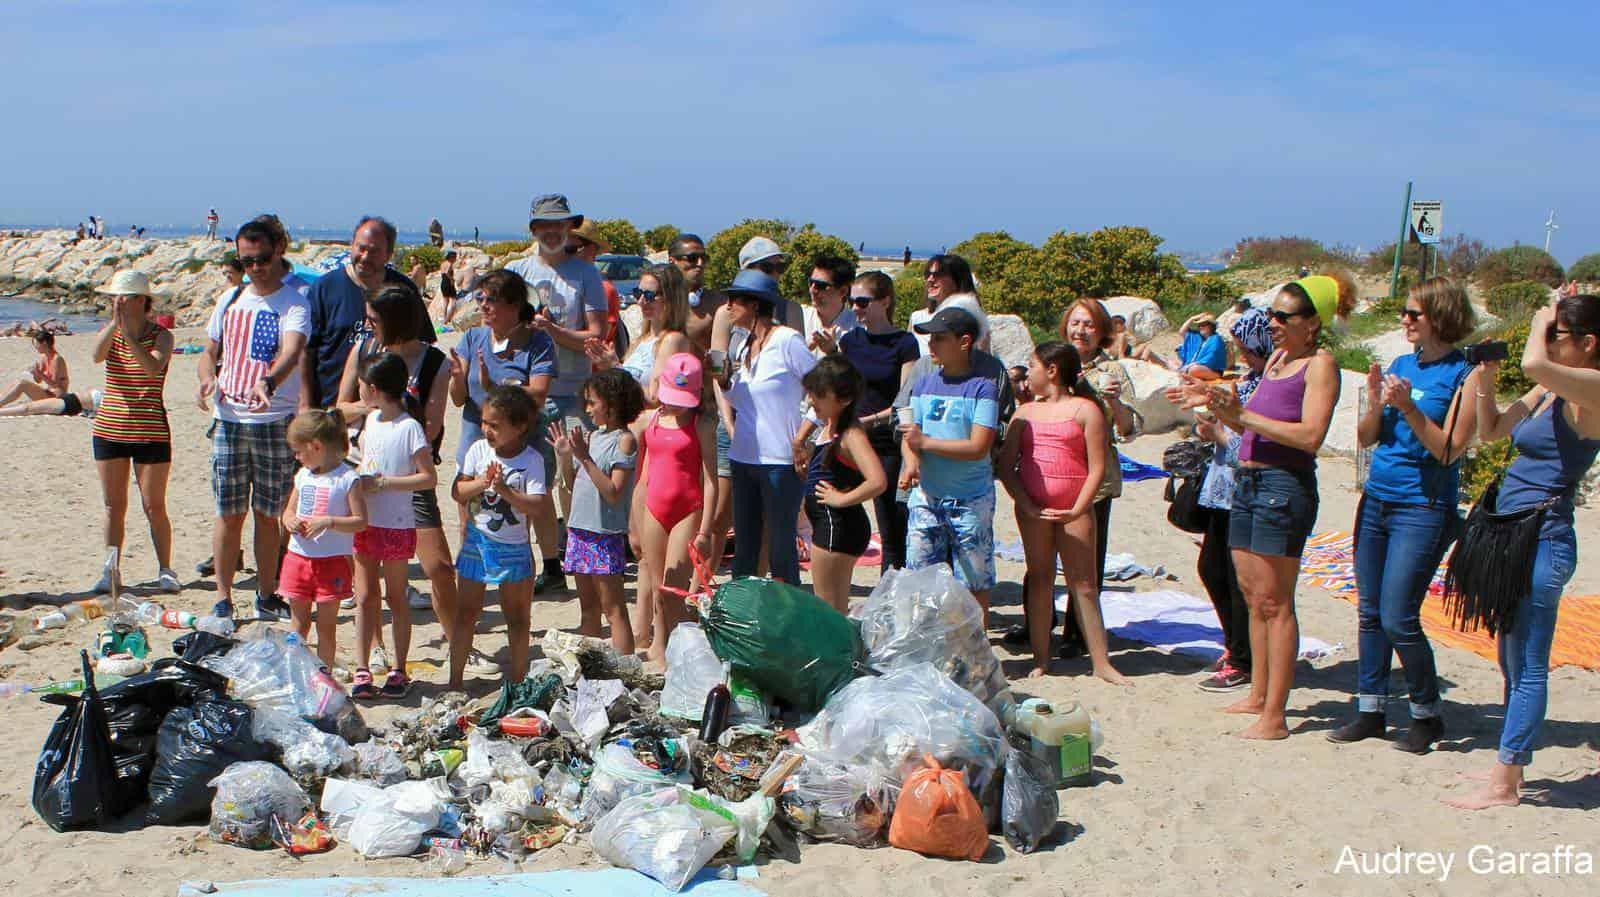 , Cet été, les assos marseillaises partent à la chasse aux déchets sur les plages, Made in Marseille